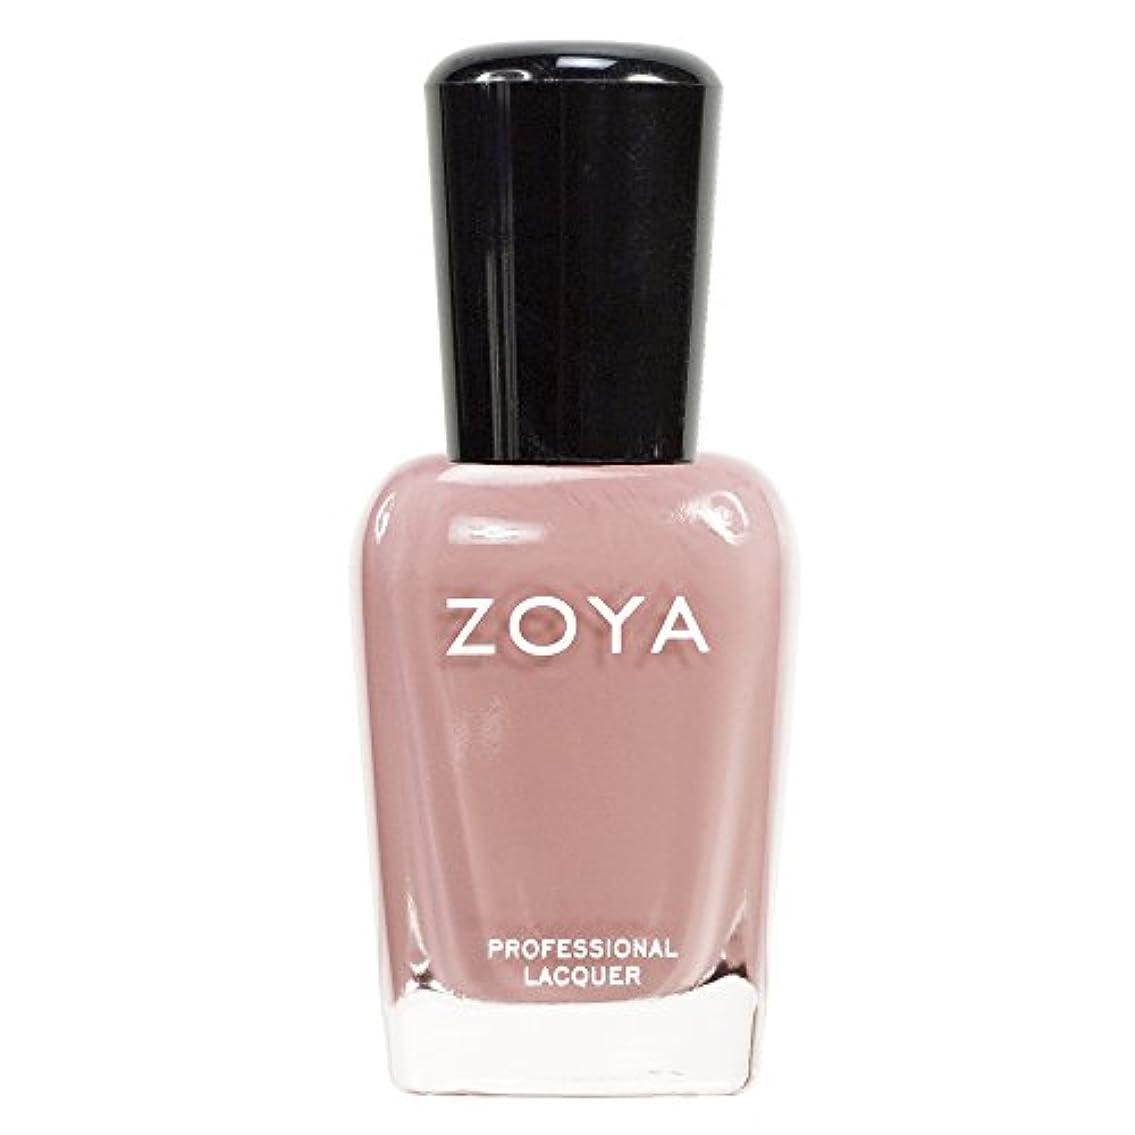 分離浮浪者偏心ZOYA ゾーヤ ネイルカラーZP380 AMANDA アマンダ  15ml 上品なスモーキーなピンク マット 爪にやさしいネイルラッカーマニキュア